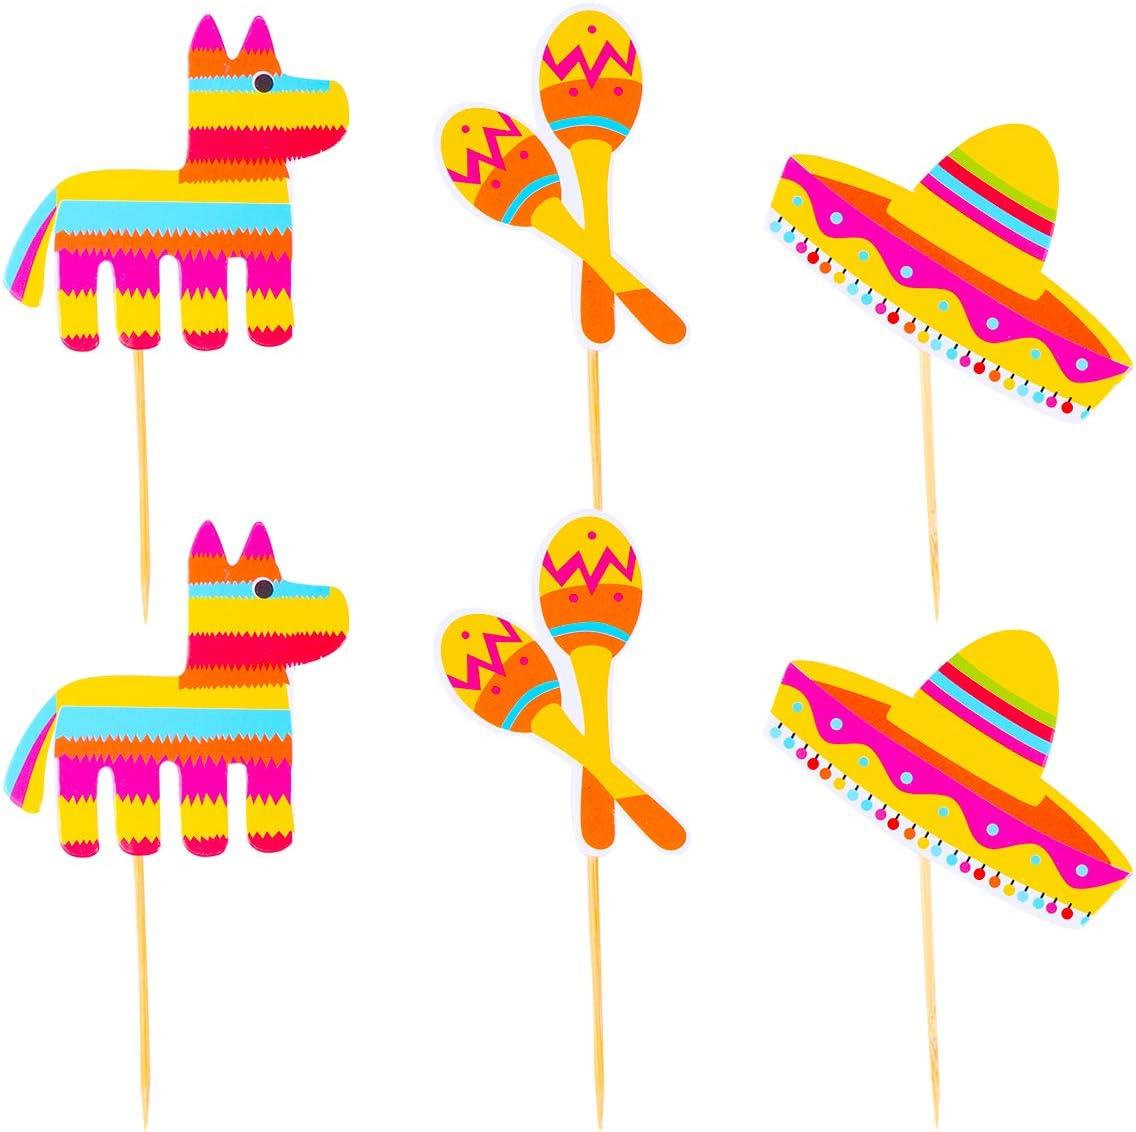 Amosfun 24 Piezas de Fiesta Mexicana Cactus Alpaca Cake Cupcake Toppers Decoraciones para Pasteles Cinco de Mayo Decoraciones Suministros